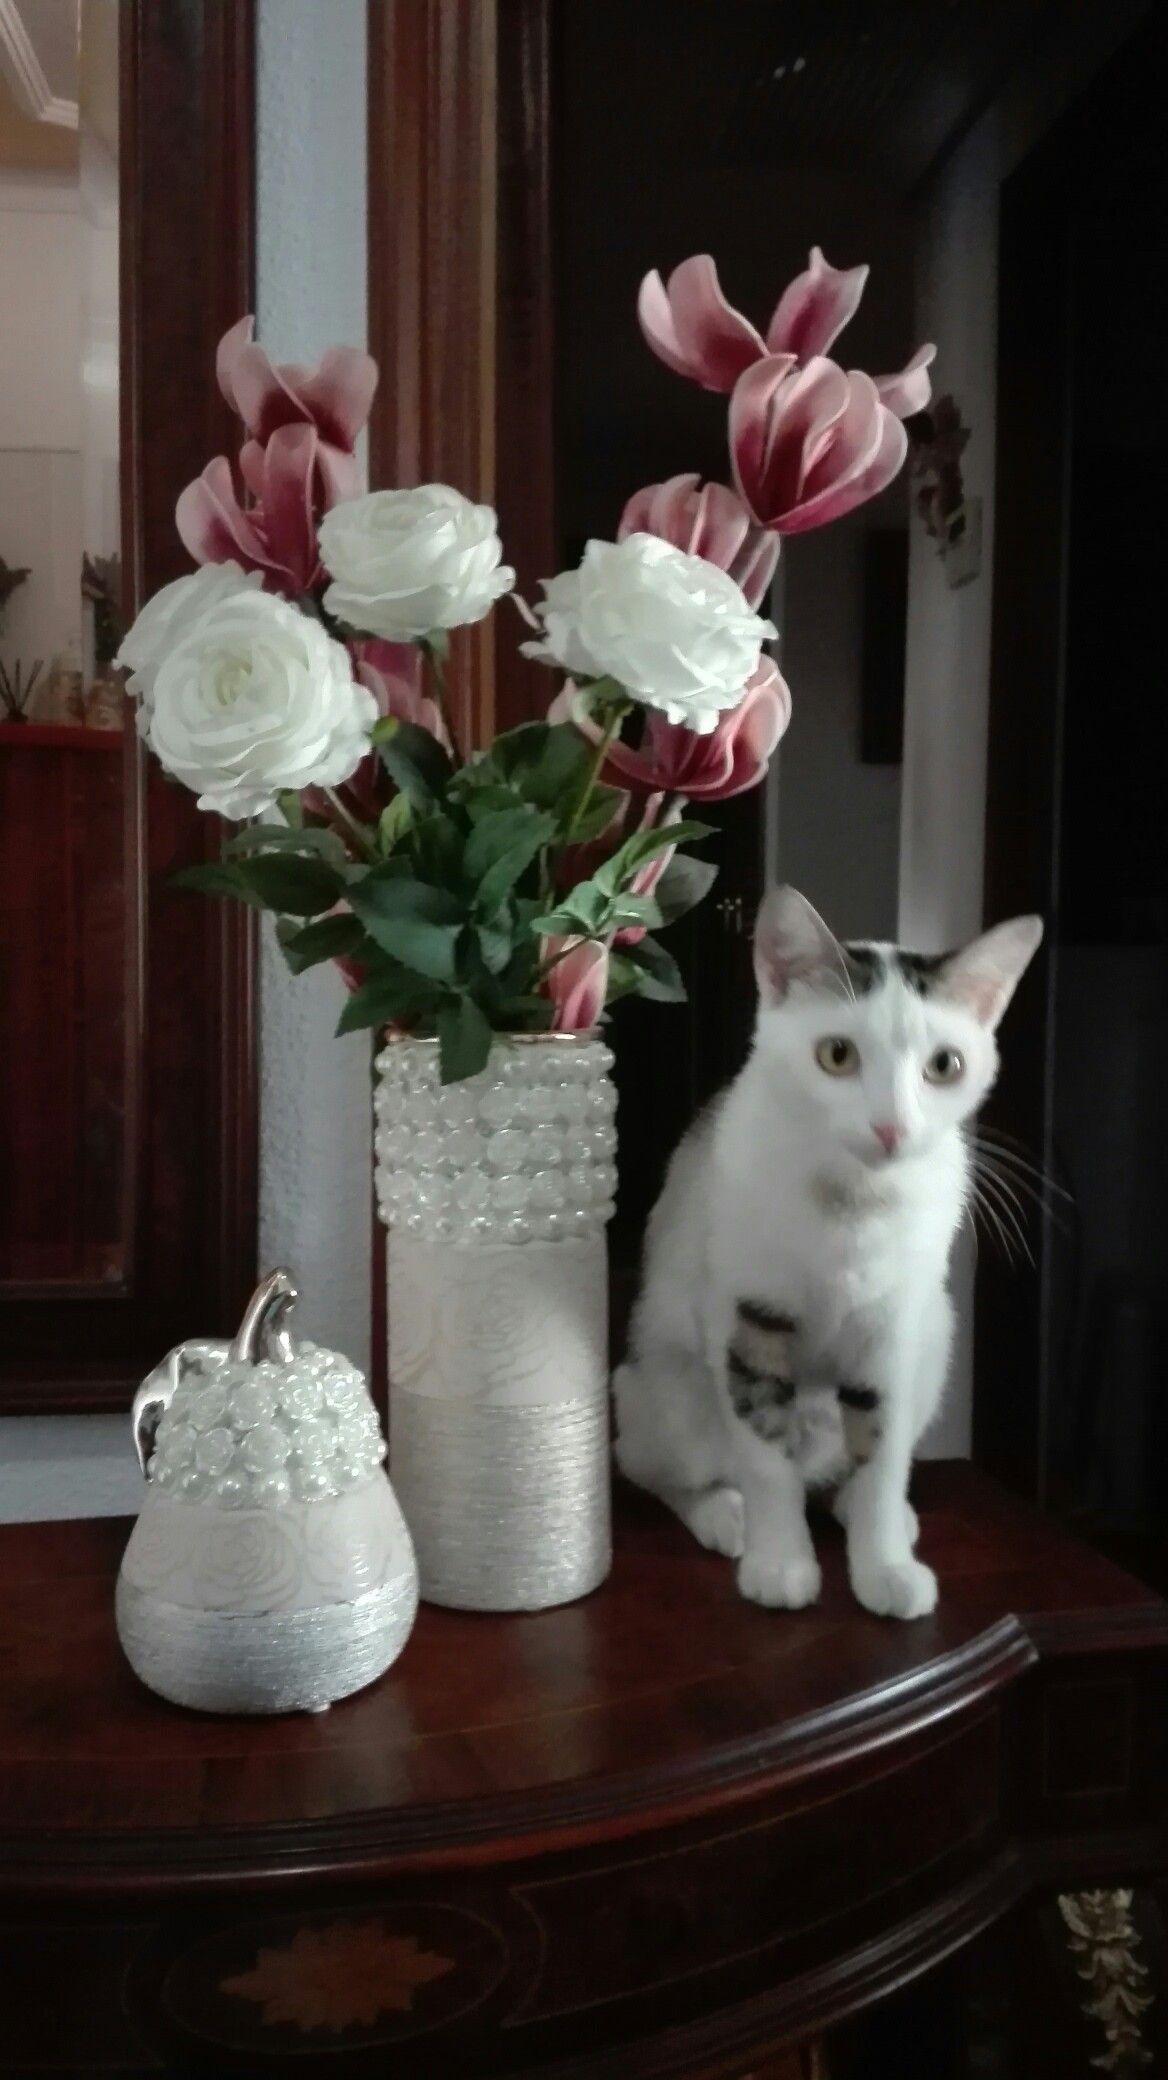 Pin Oleh Dewi Muhfiyanti Di Cat N Flowers Di 2020